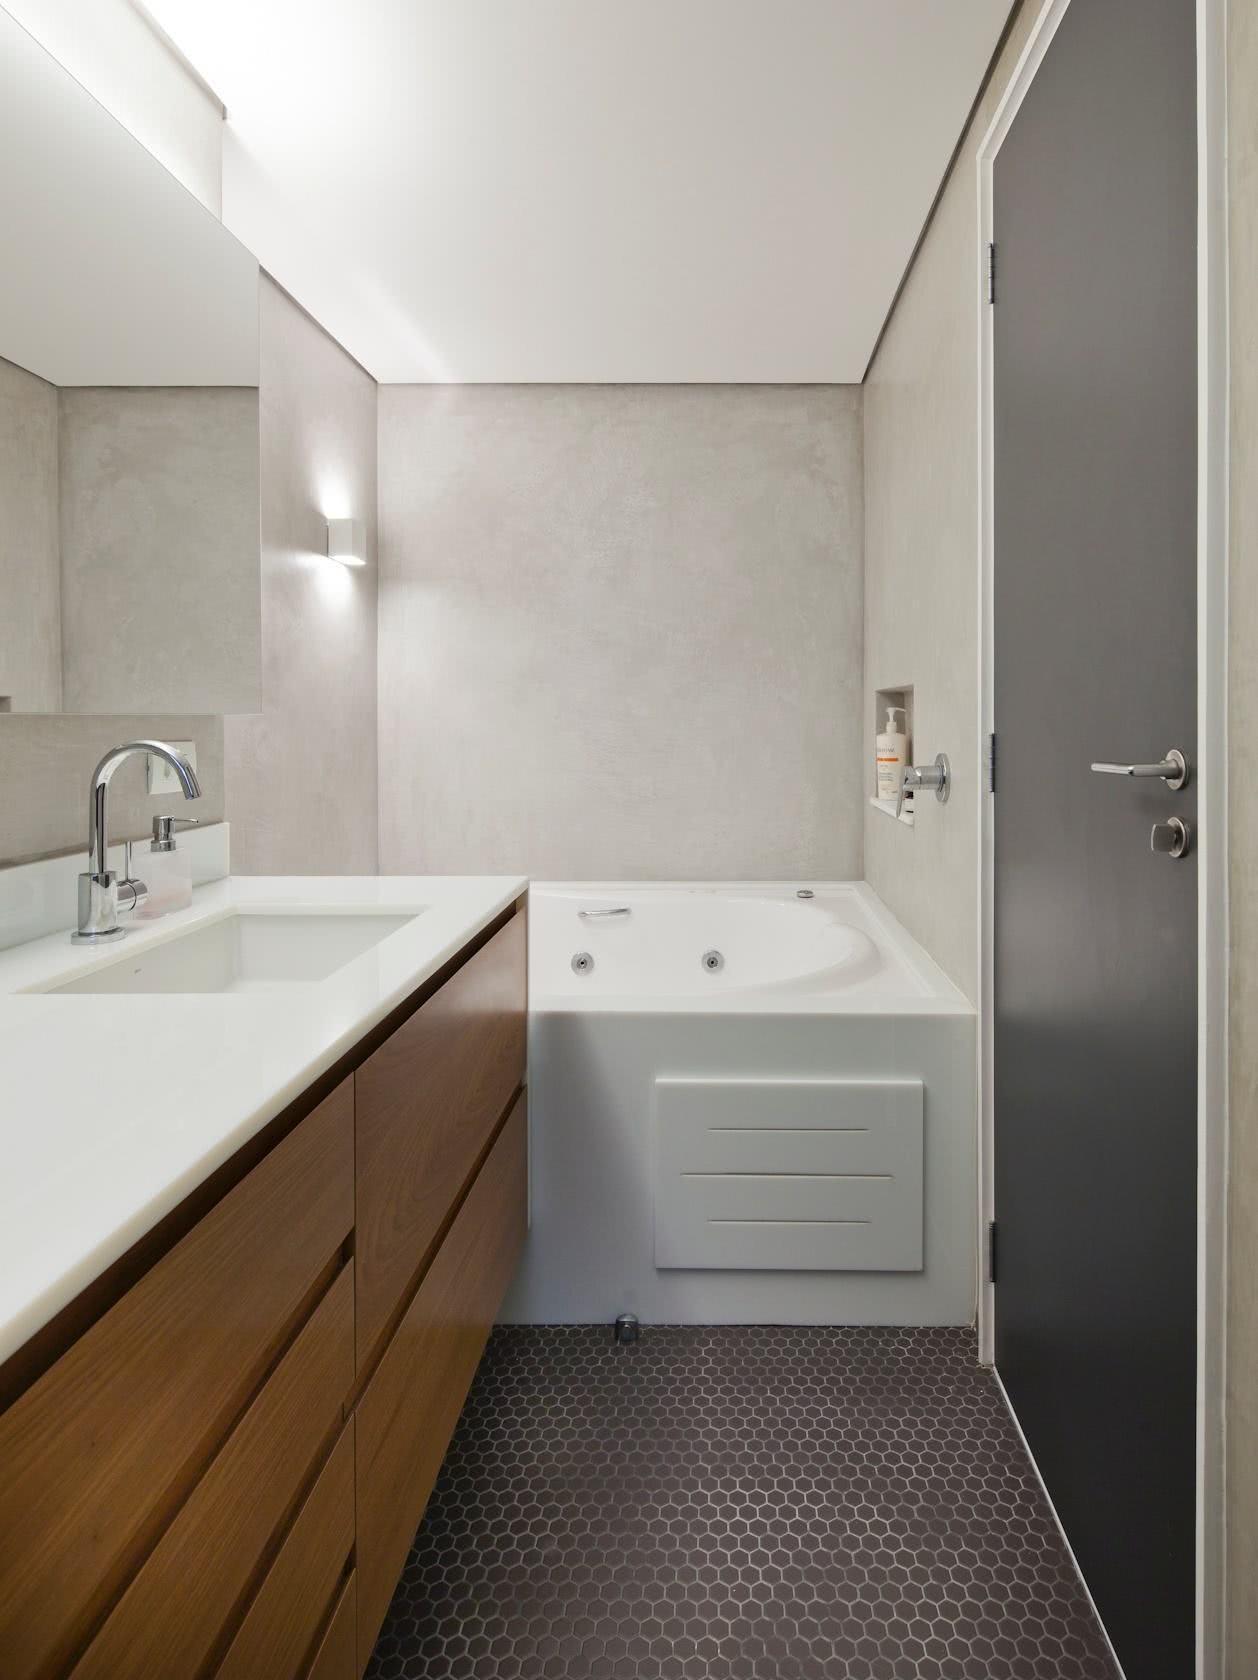 Imagem 62 – Banheiro moderno e elegante para quem gosta de relaxar #5F4329 1258 1680